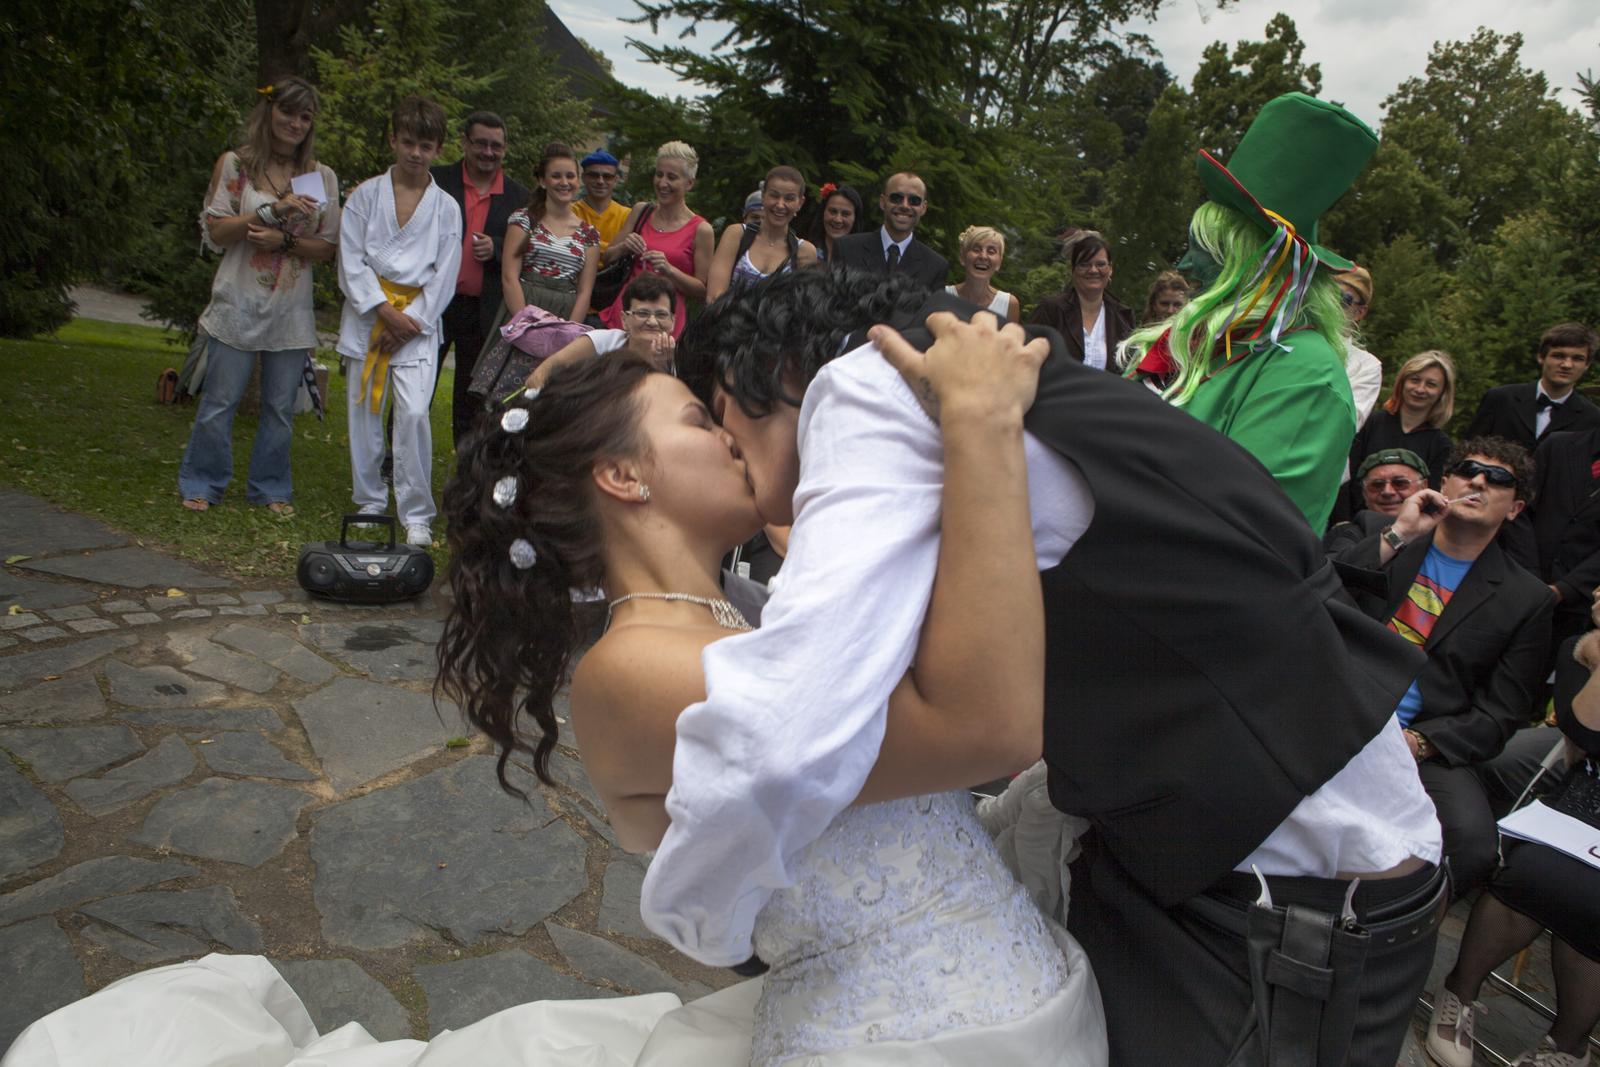 Holky jsem zpět jako vdaná a vydovolenkovaná paní :-) Zasílám pár ukázek co zatím máme od fotografa z naší filmové svatby :-) - Náš novomanželský polibek se záklonem :-D